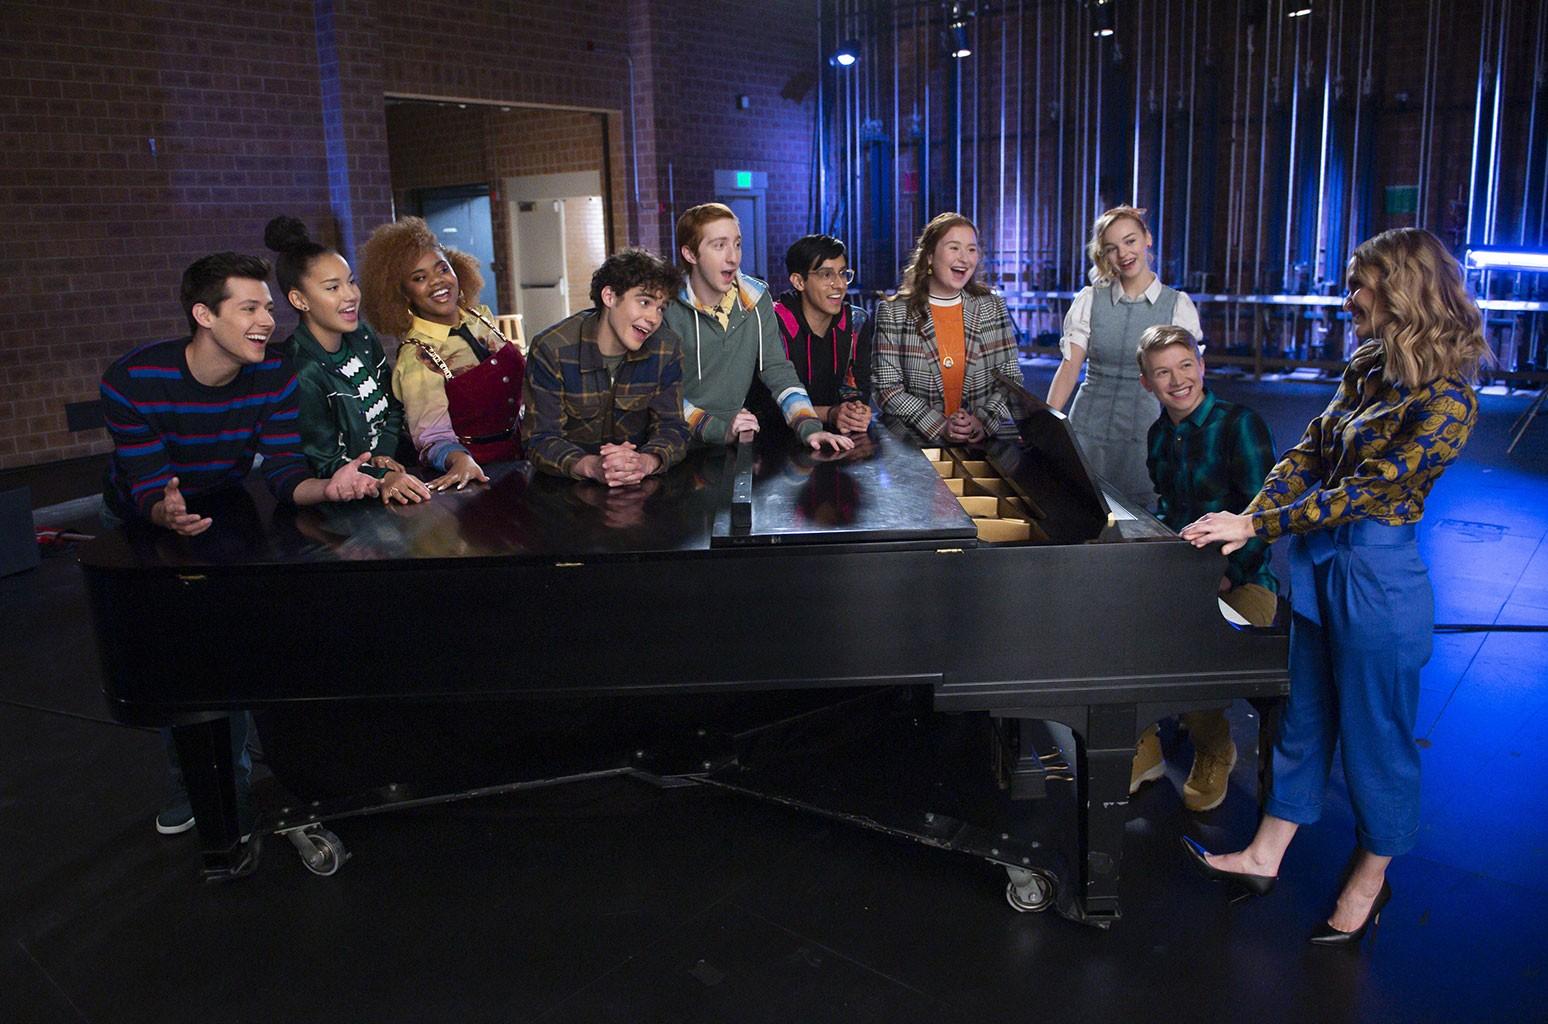 Imagem da série High School Musical: The Musical: The Series. Na imagem, podemos ver, apoiados sobre um piano preto, da esquerda para direita, um homem branco de cabelos pretos usado uma blusa listrada azul e preta; uma mulher negra, de cabelos pretos, usando uma blusa listrada preta e branca e uma jaqueta verde; uma mulher negra, de cabelos castanhos, usando uma camisa amarela e uma jardineira vinho por cima; um homem branco, de cabelos pretos, usando uma camisa verde, azul e bege; um homem branco, de cabelos ruivos, usando um moletom verde escuro; um homem negro, de cabelos pretos, usando uma blusa preta e vermelha; uma mulher branca, de cabelos ruivos, usando uma blusa laranja com uma jaqueta quadriculada cinza por cima; uma mulher branca, loira, usando um vestido cinza, sob uma camiseta branca; um homem branco, loiro, usando uma camisa xadrez verde, sentando de frente ao piano, tocando ele; e por fim, uma mulher branca, de cabelos loiros, usando uma camisa bege e azul e calças azul, saltos finos pretos, no canto direito da imagem. O fundo é uma cortina de teatro azul e um espelho que a reflete.